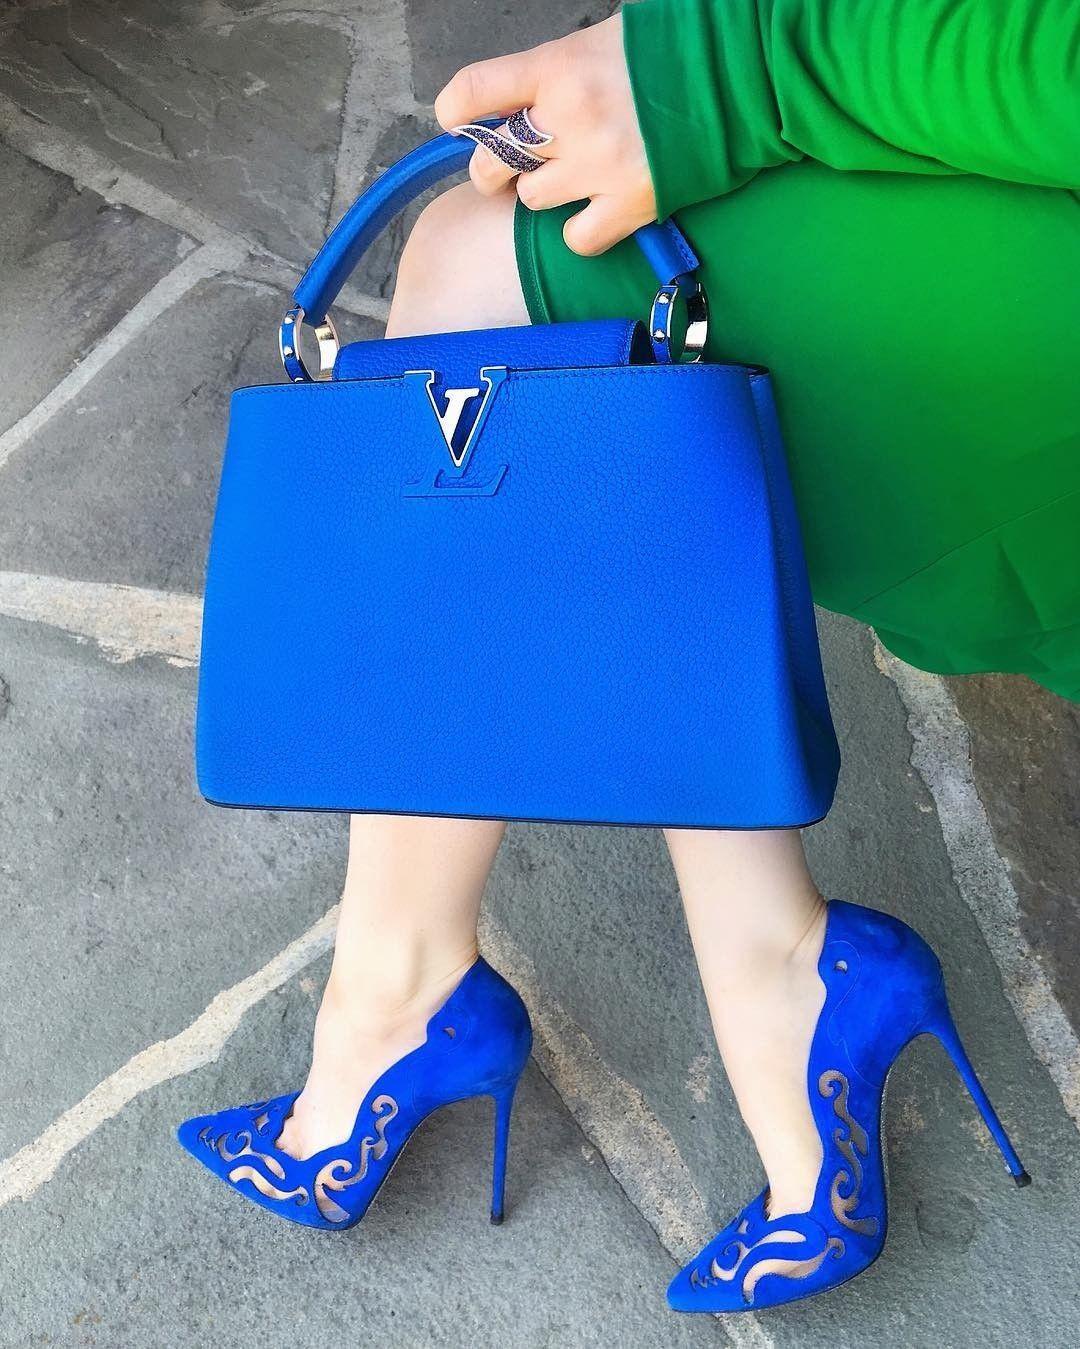 Louis Vuitton blue purse/high heels